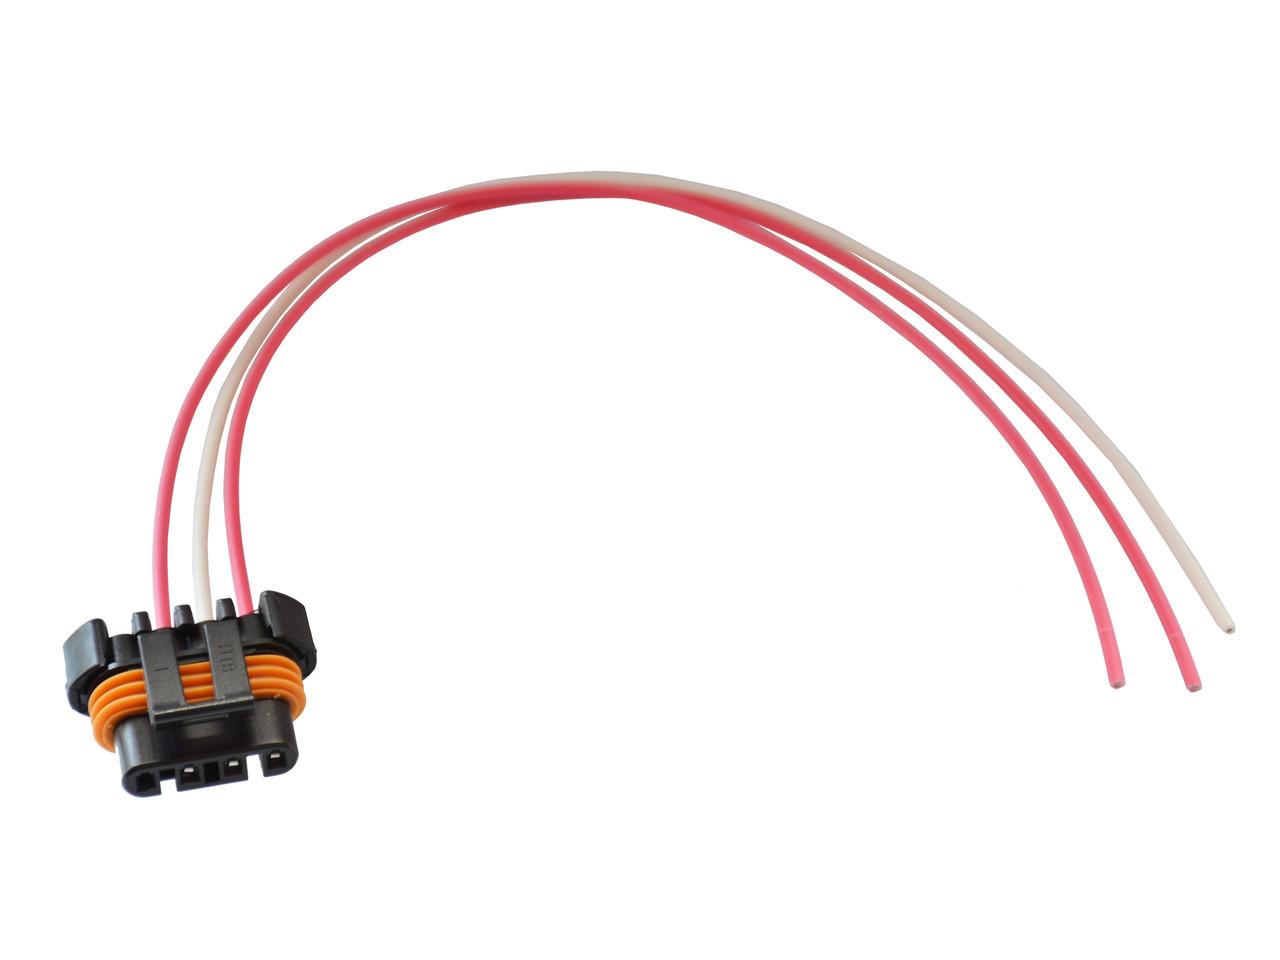 alternator wire connector plug pigtail fits corvette vette c5 c6 ls1 ls6  ls2 ls3 ls7 1989